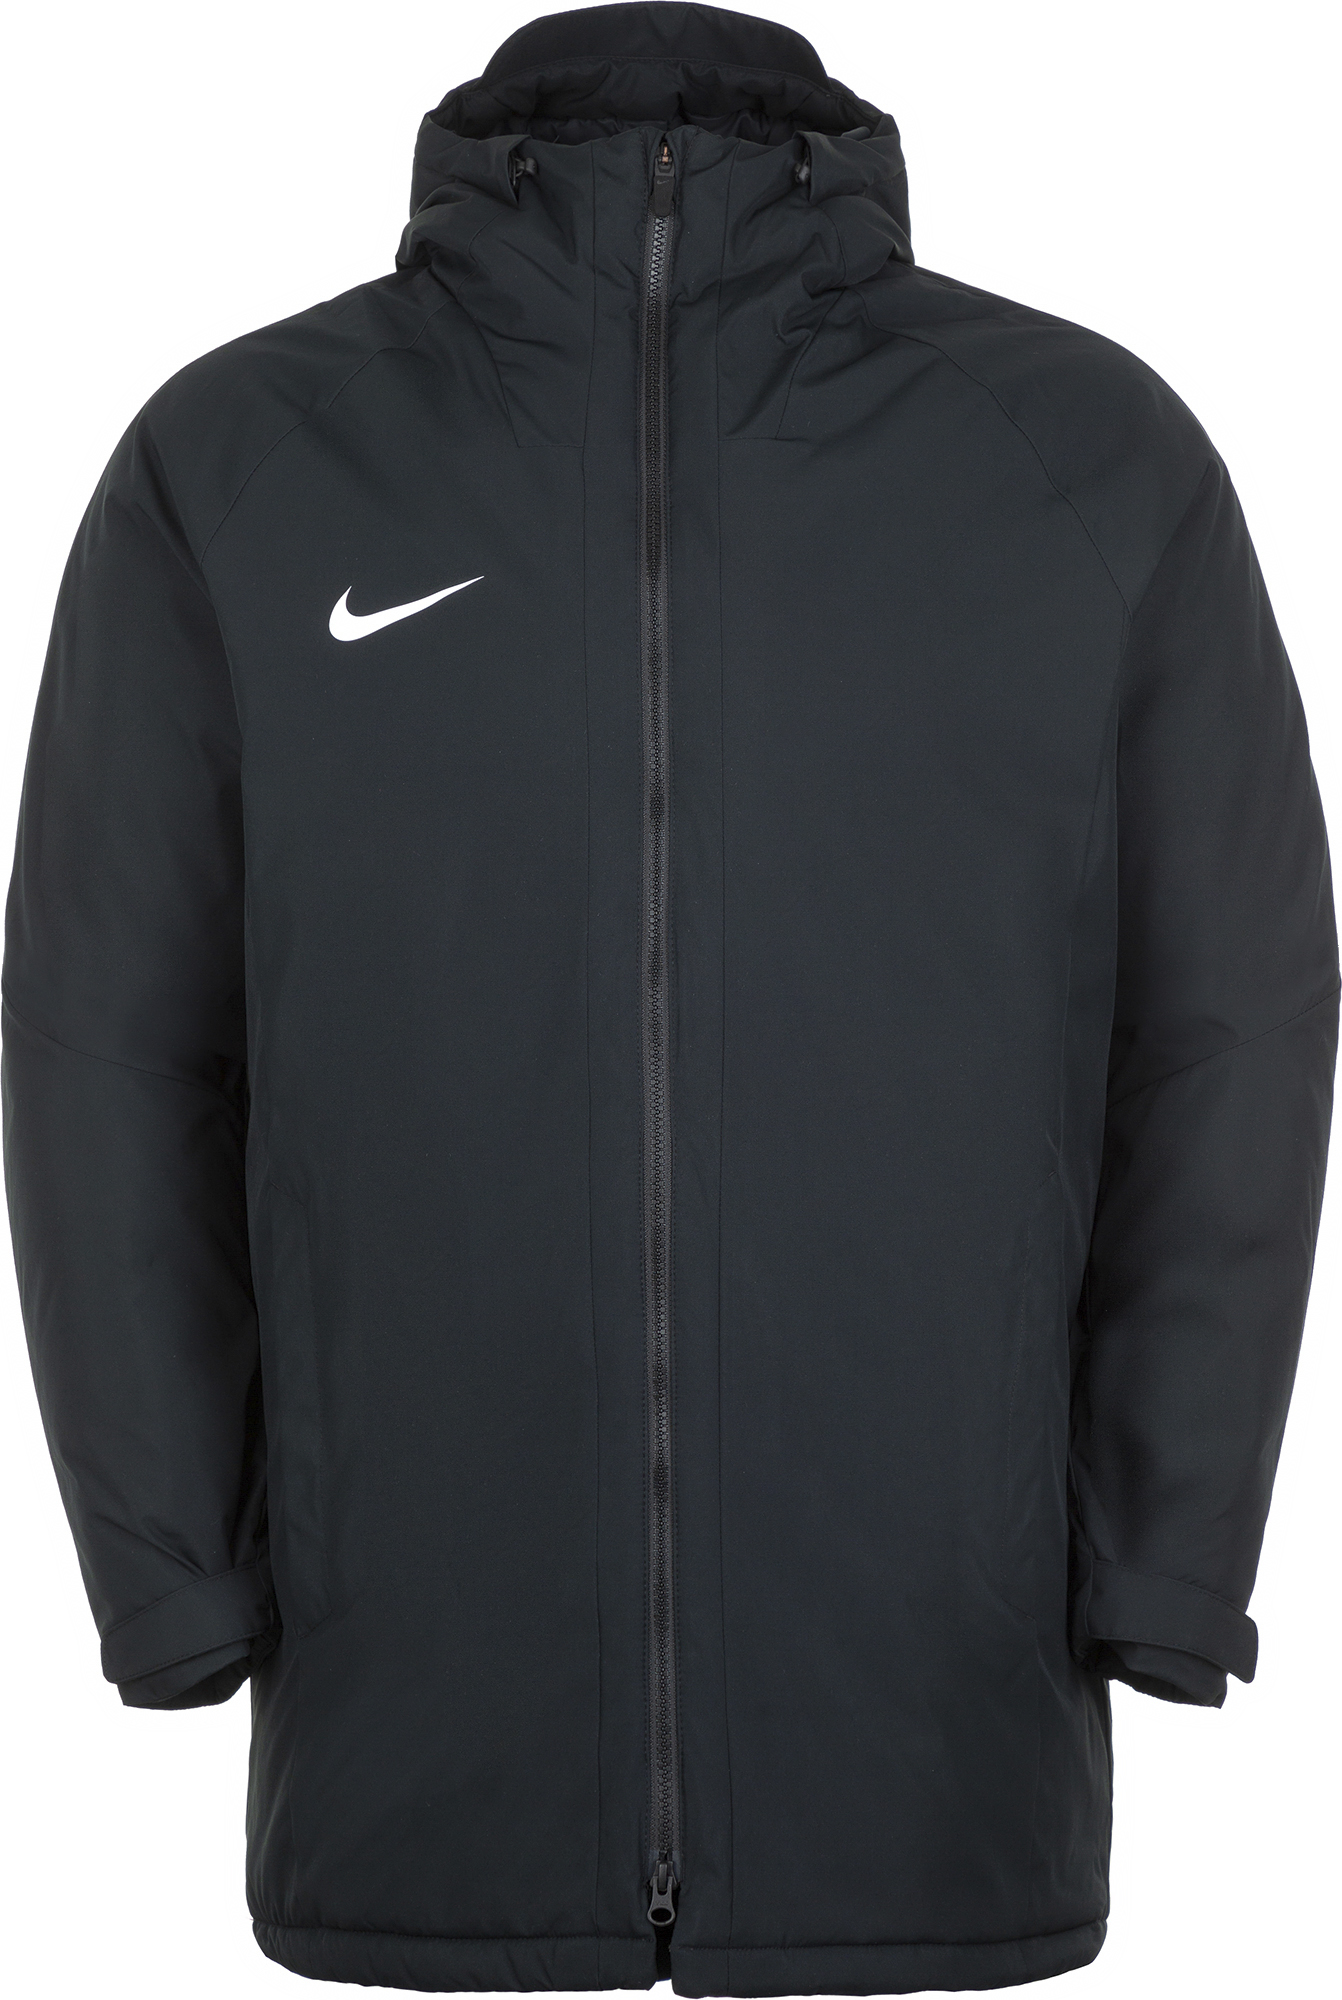 Nike Куртка утепленная мужская Dry Academy18, размер 52-54